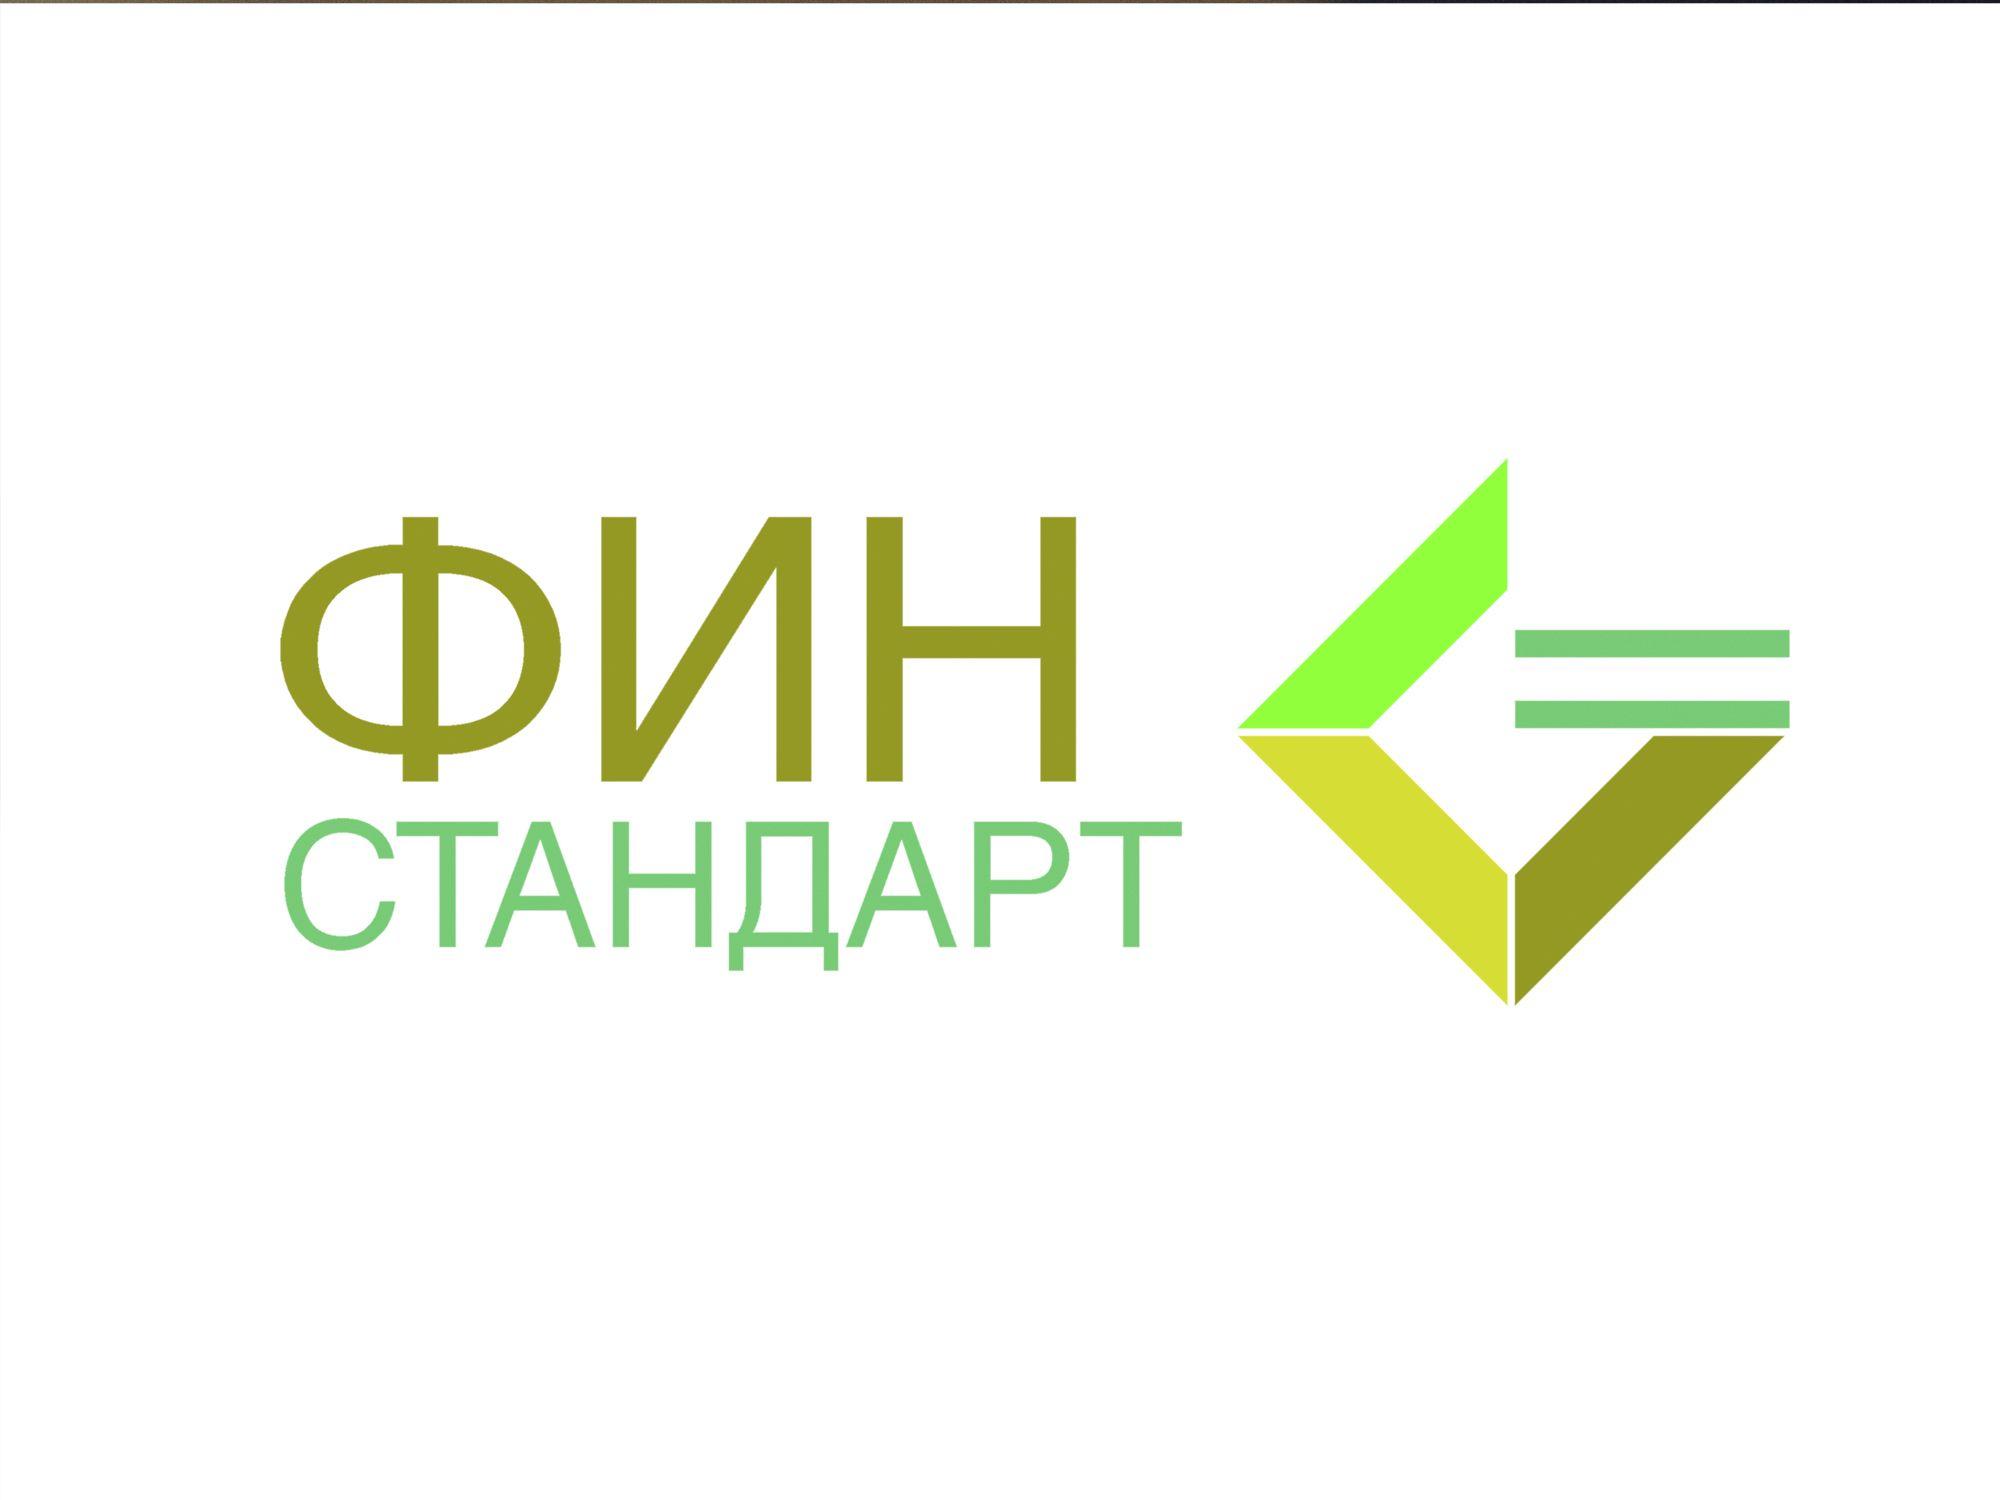 Лого и ФС для ФинСтандарт - дизайнер ValeryCu